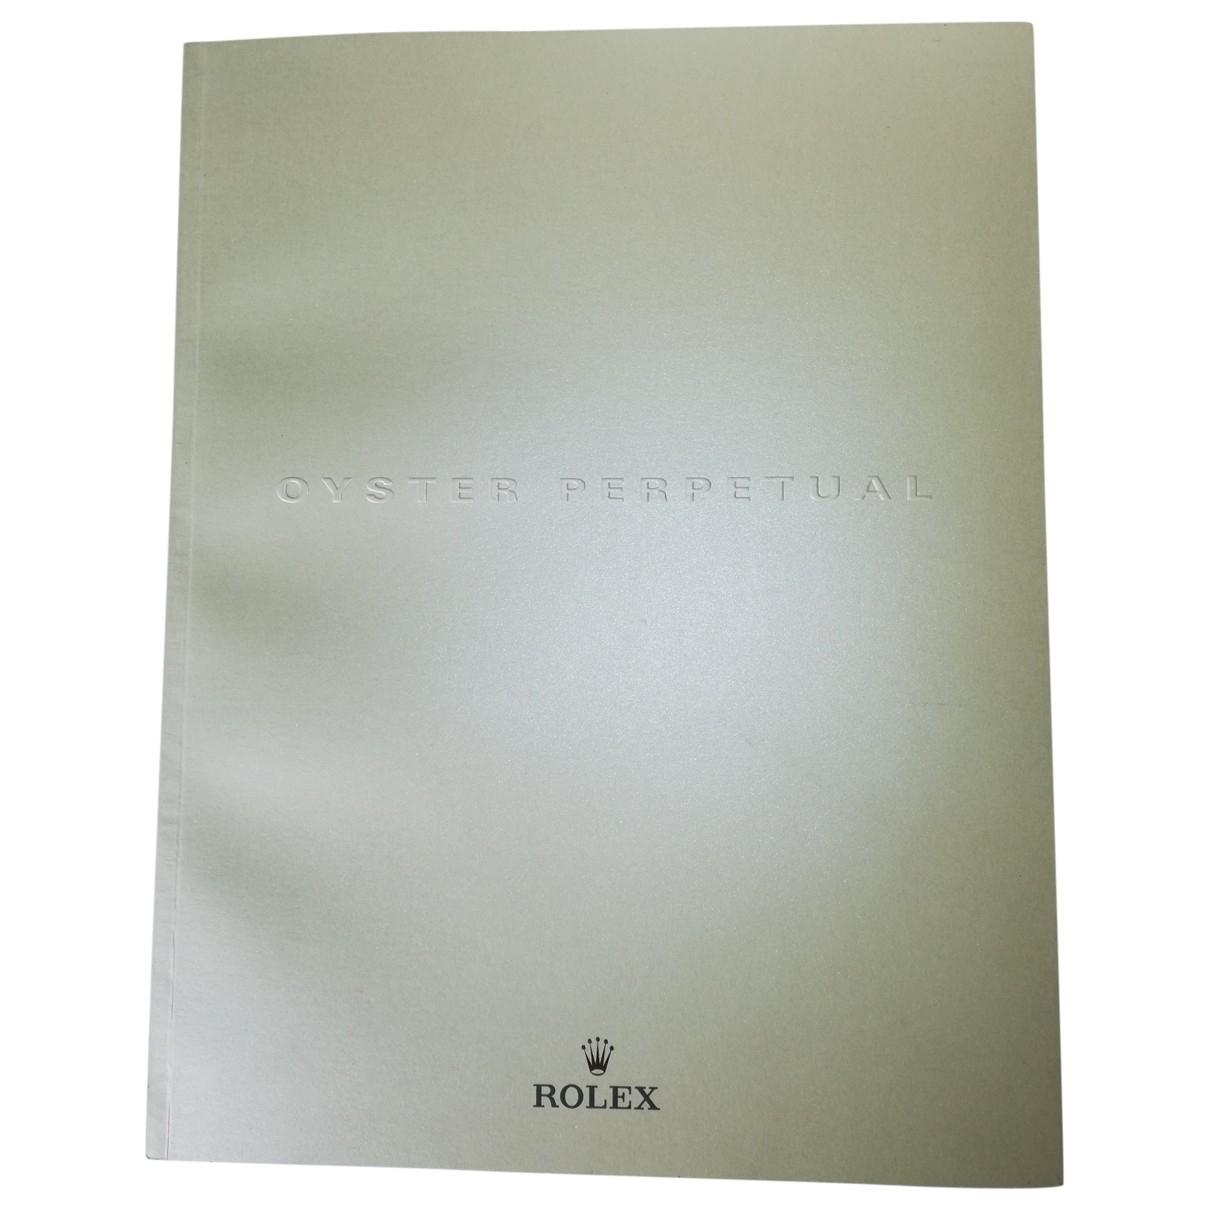 Rolex - Photographie   pour lifestyle en autre - metallise